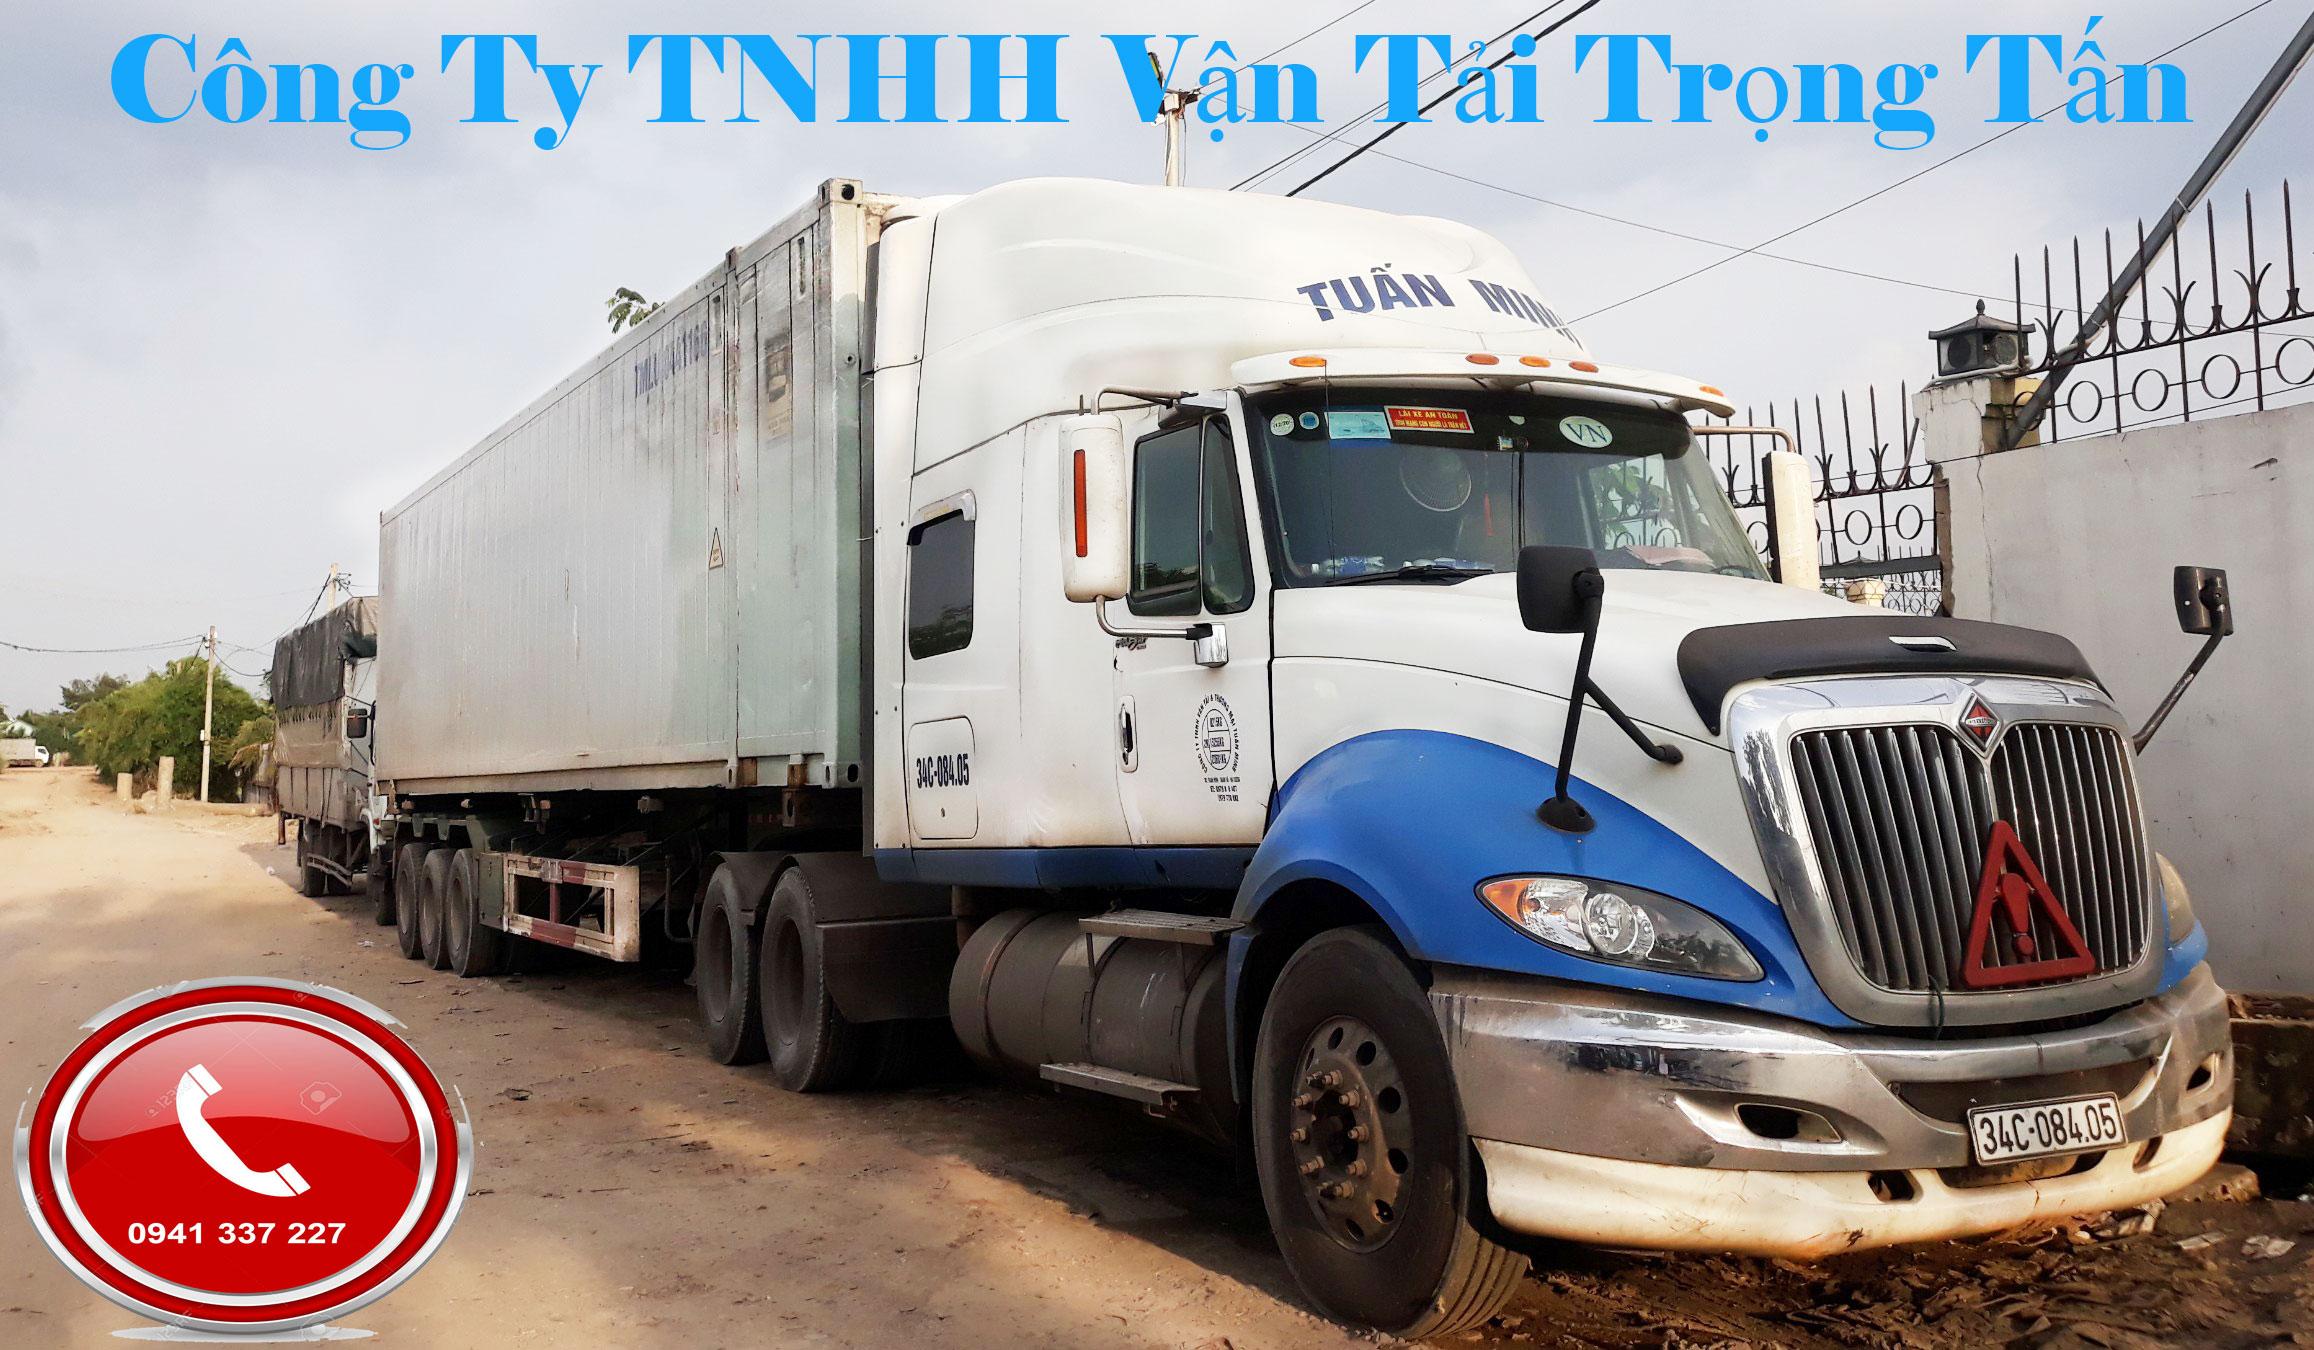 Xe container chuyển hàng Bắc Ninh Tiền Giang